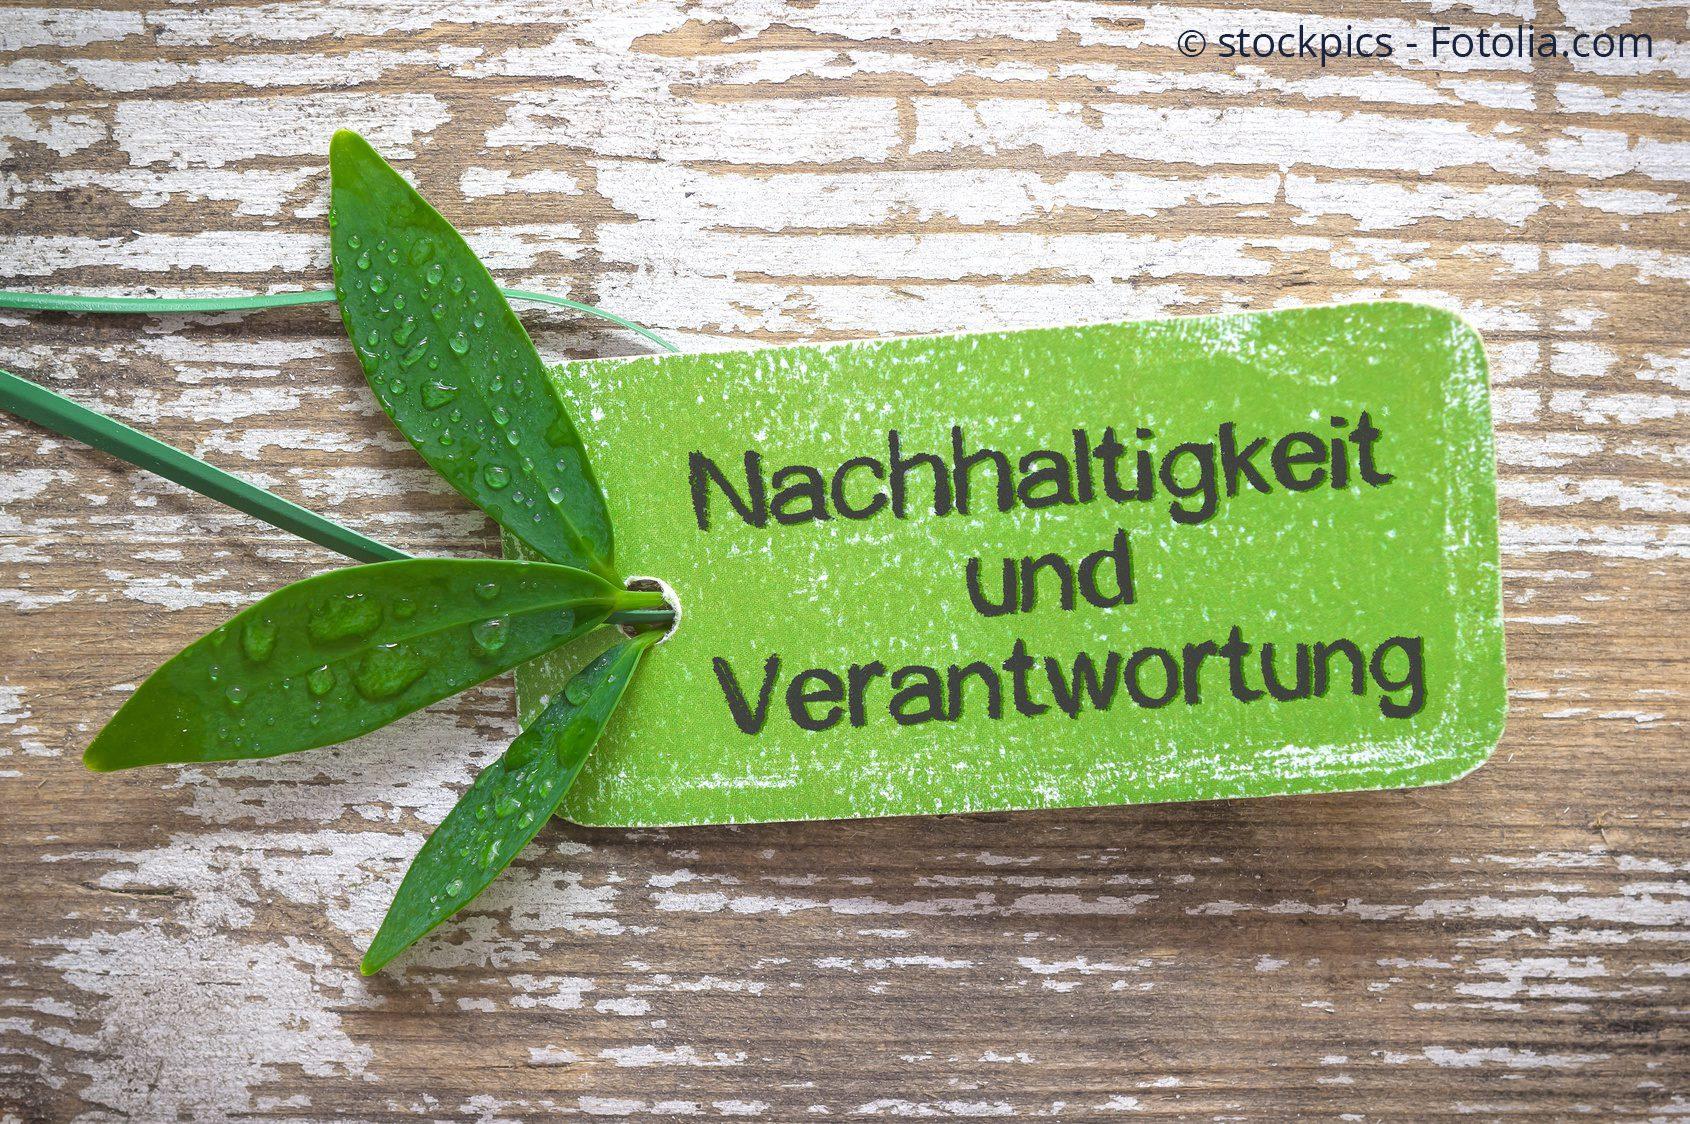 Nachhaltiges